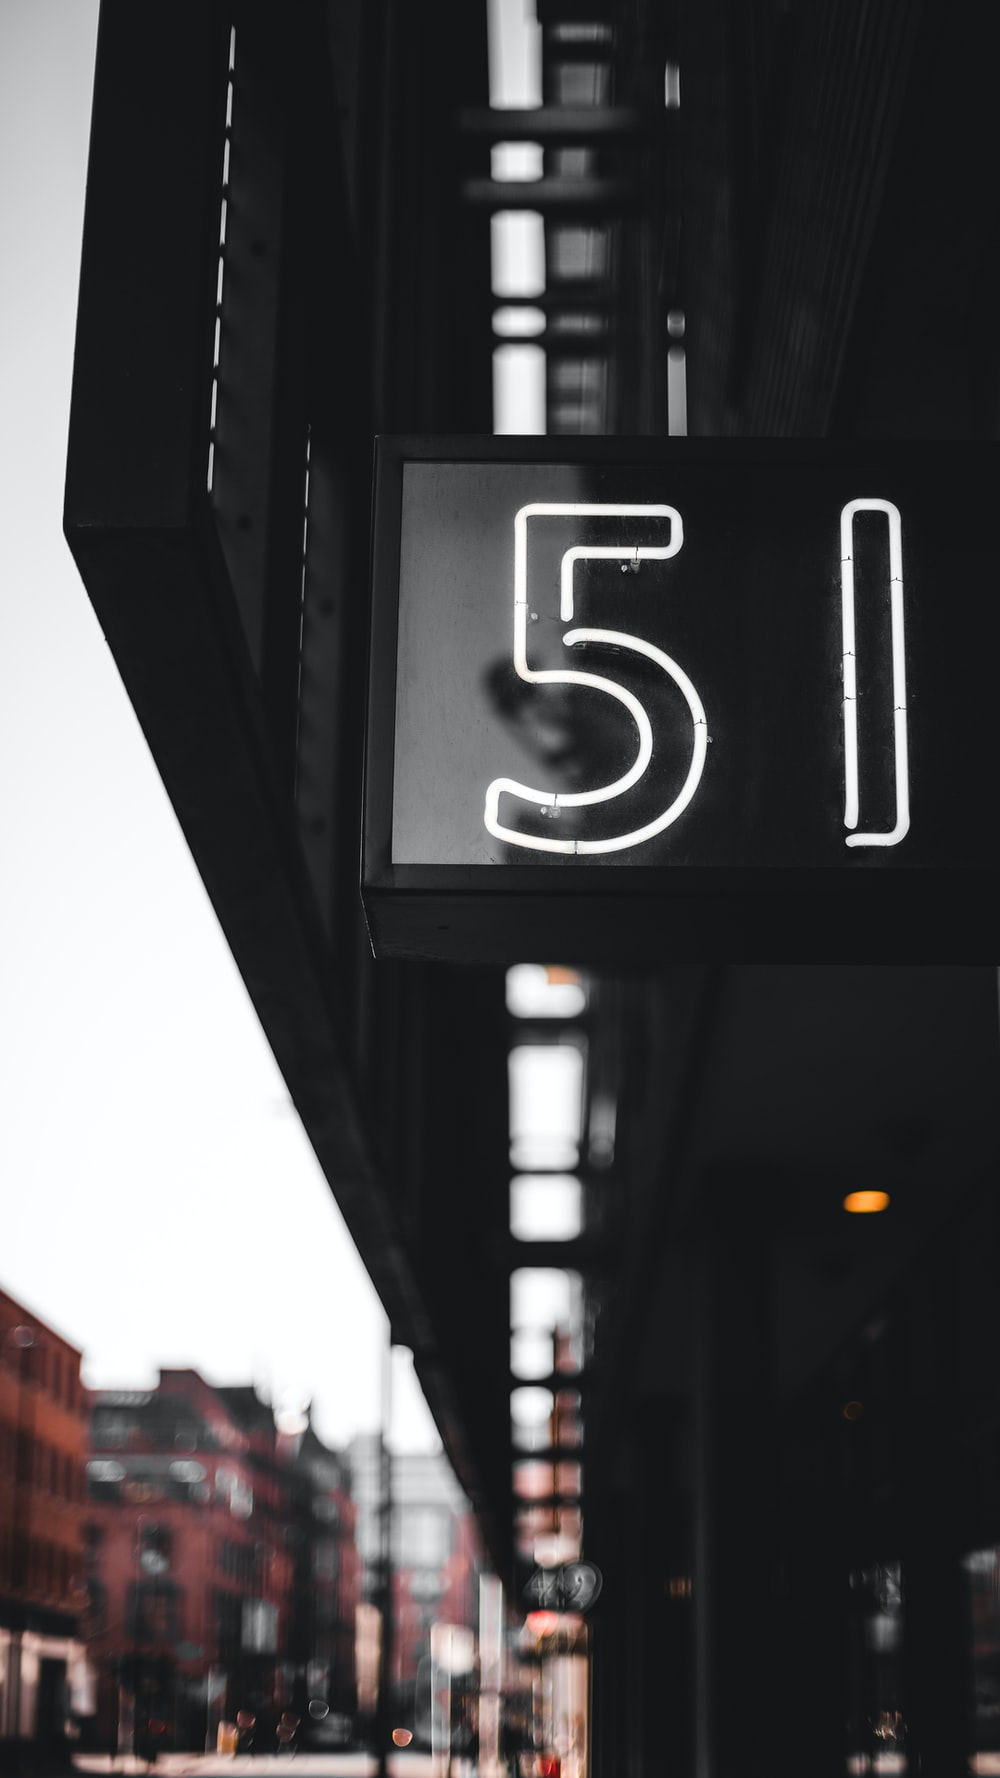 51 signage